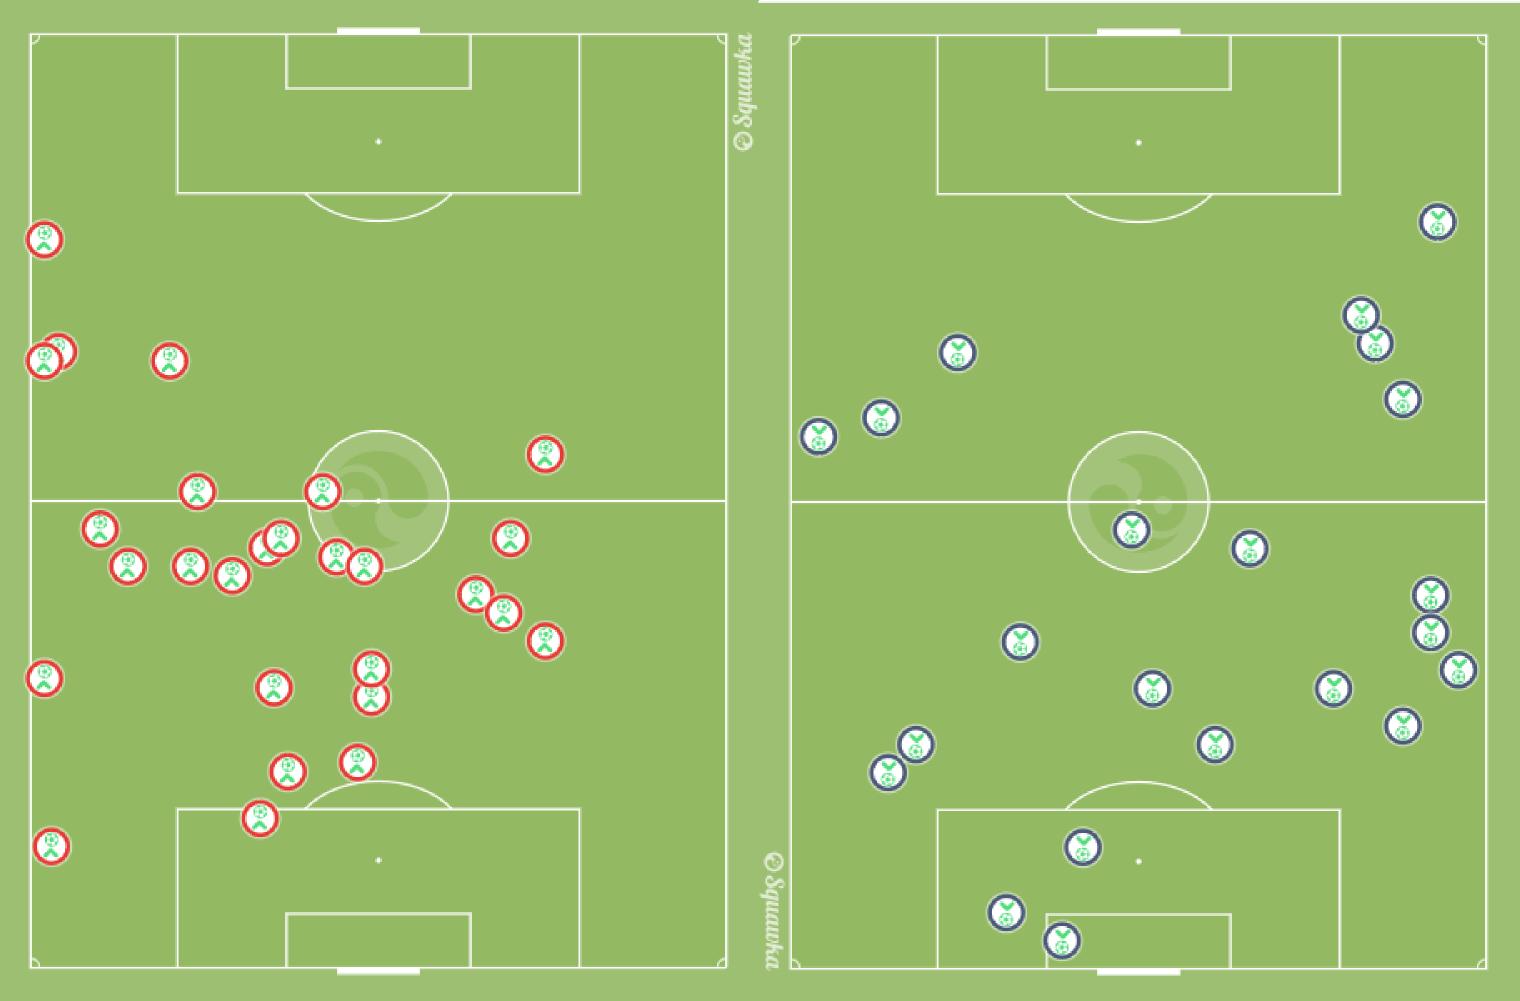 Leipzigs Balleroberungen gegen Werder Bremen. Links das Hinspiel - dort wurden viele Bälle im Zentrum direkt hinter der Mittellinie erobert. Rechts das Rückspiel - hier wurden die Bälle eher tief oder auf dem Flügel gewonnen.